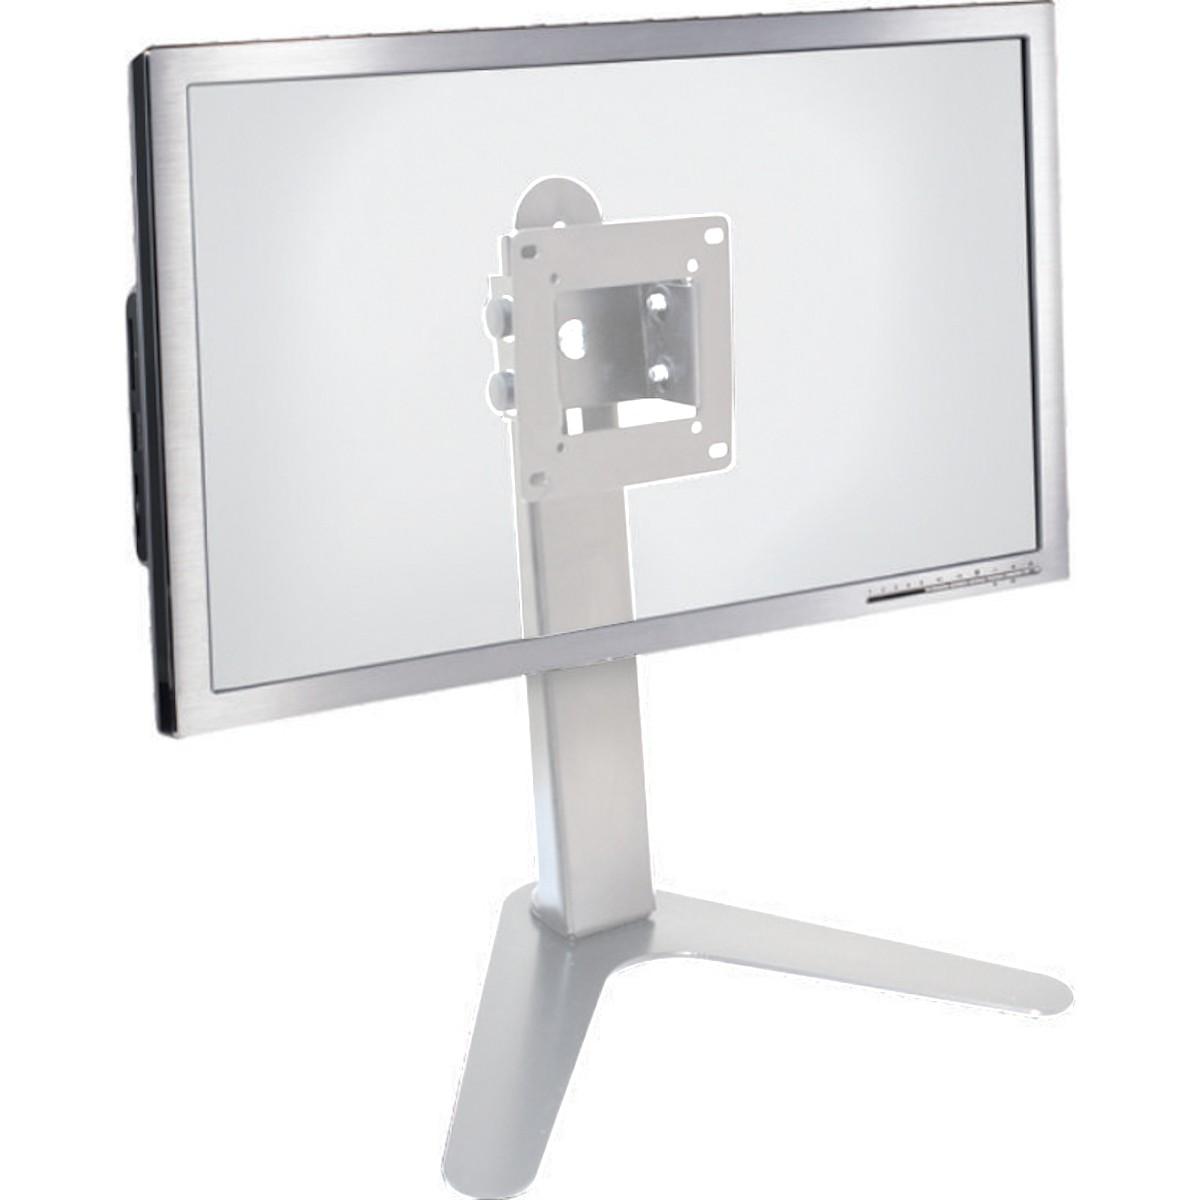 """Suporte Mesa/Pedestal Ergonômico NR17 p/ Monitor LED/LCD/3D 10"""" a 24"""" c/ Incl. MT-SLIM - Multivisão"""